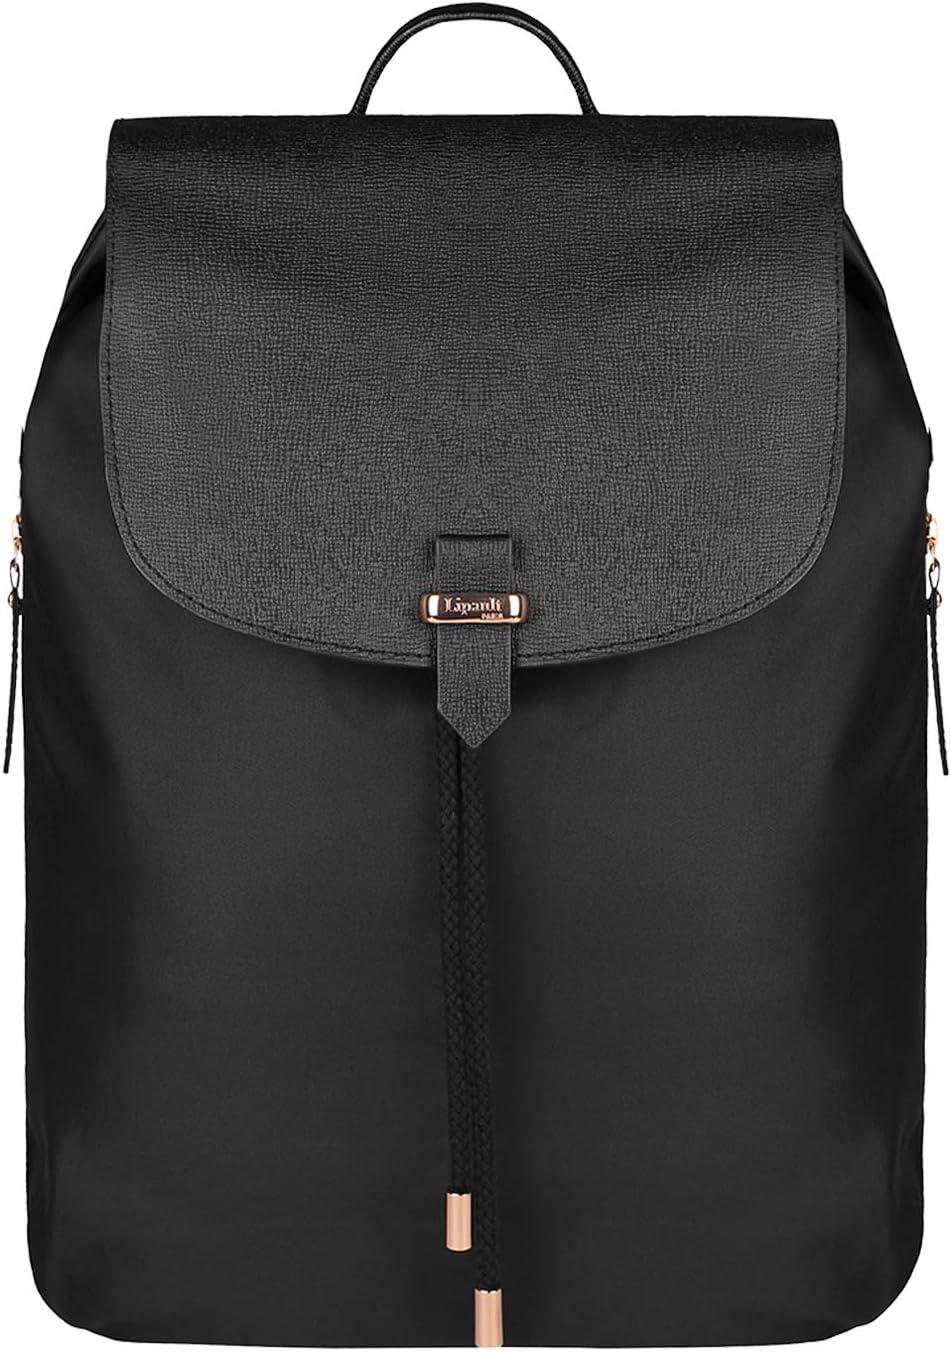 Lipault – Plume Avenue Backpack – 15 Laptop Over Shoulder Purse Bag for Women – Jet Black